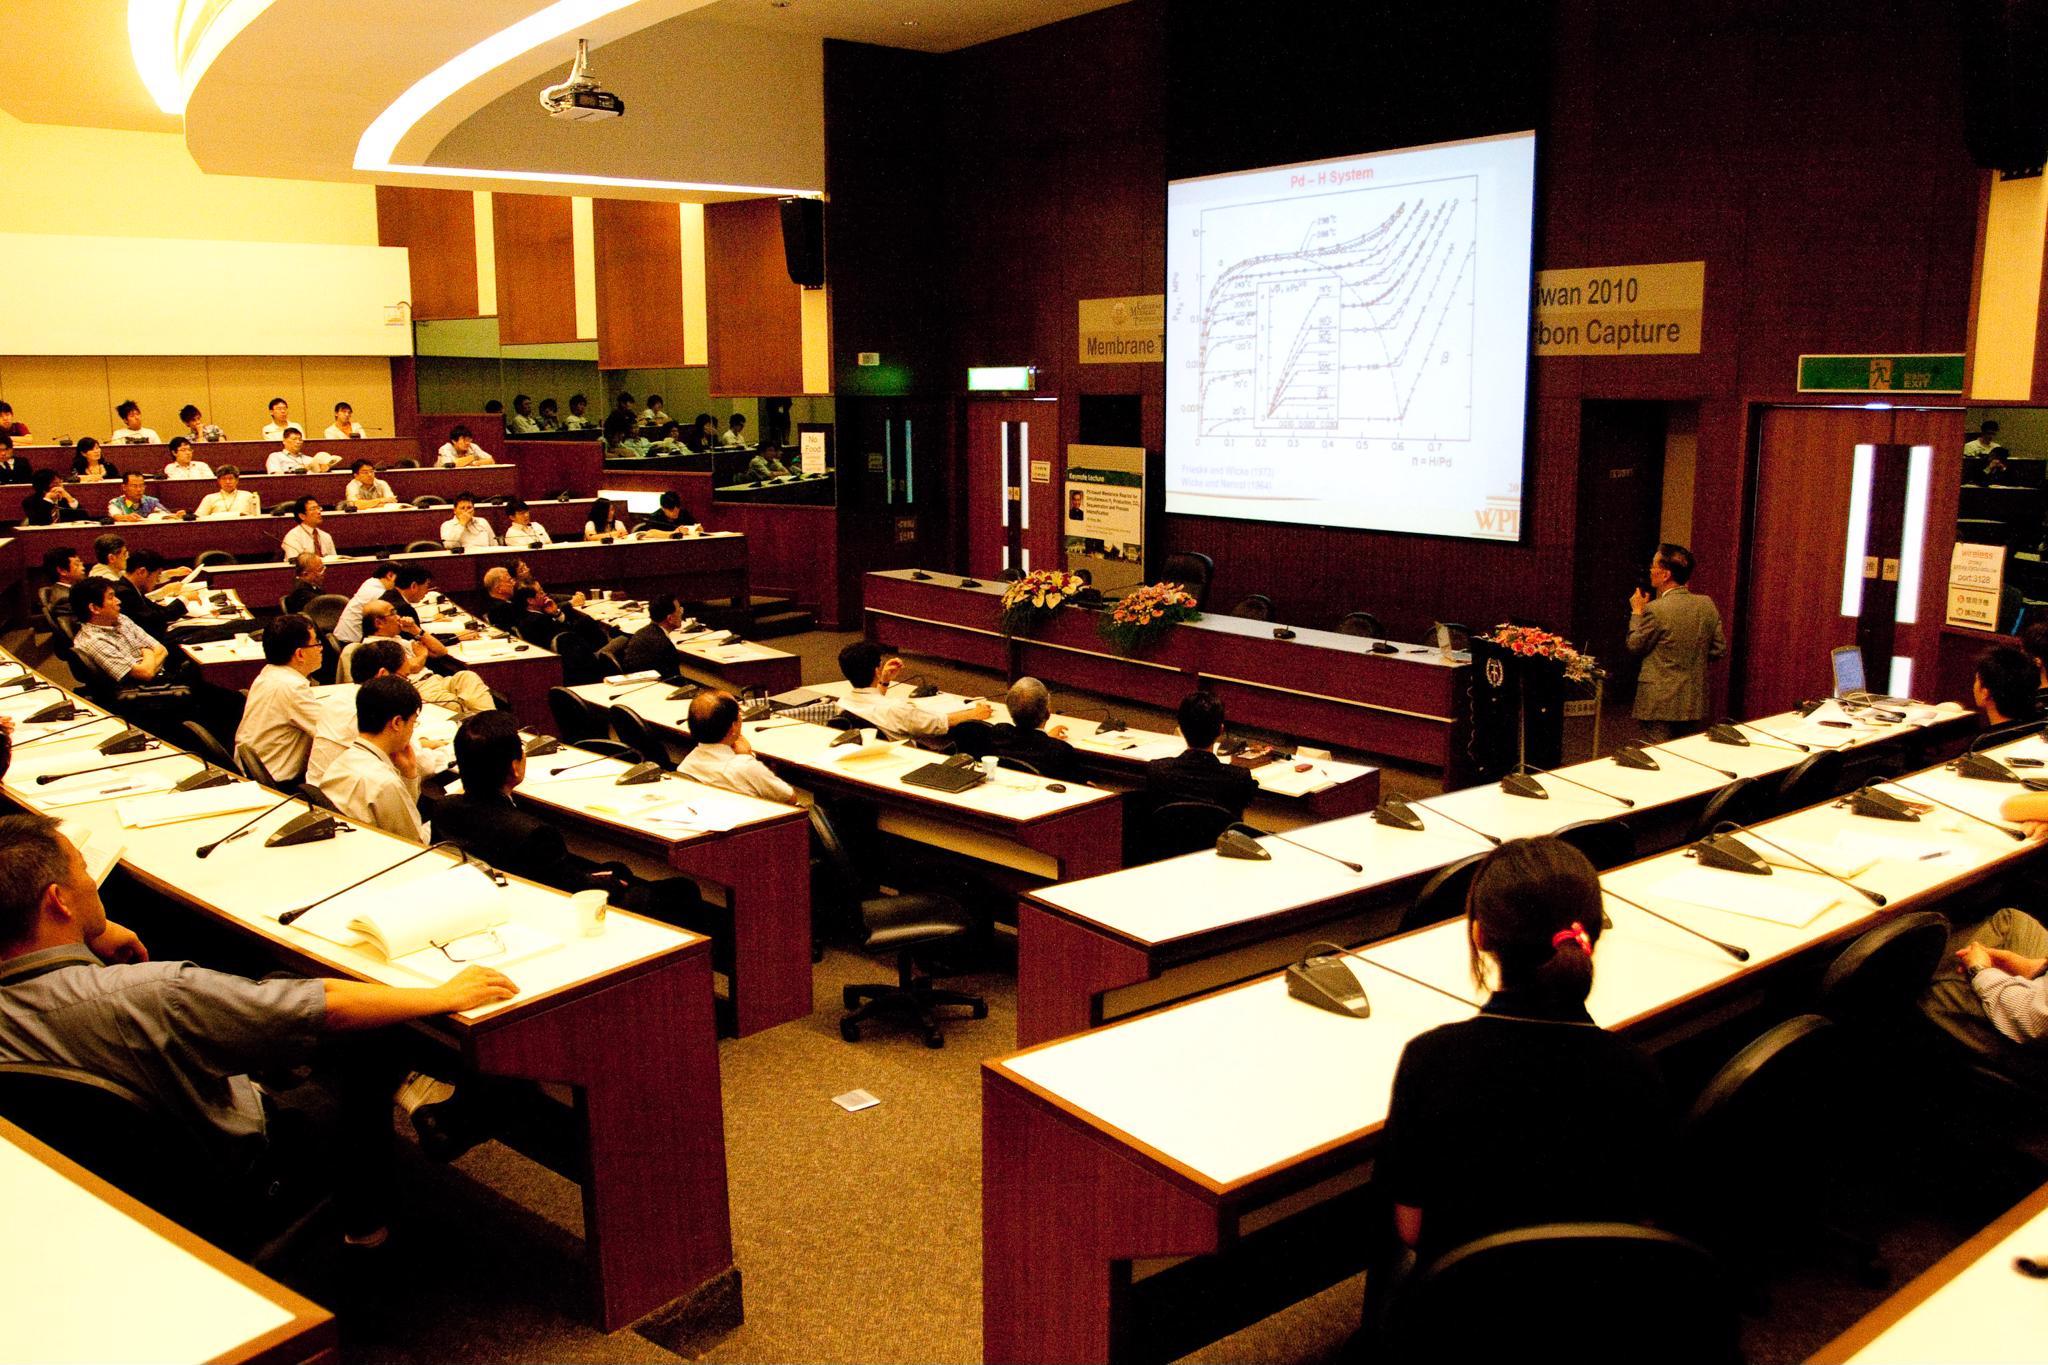 薄膜科技研討會 十年聚焦節能捕碳